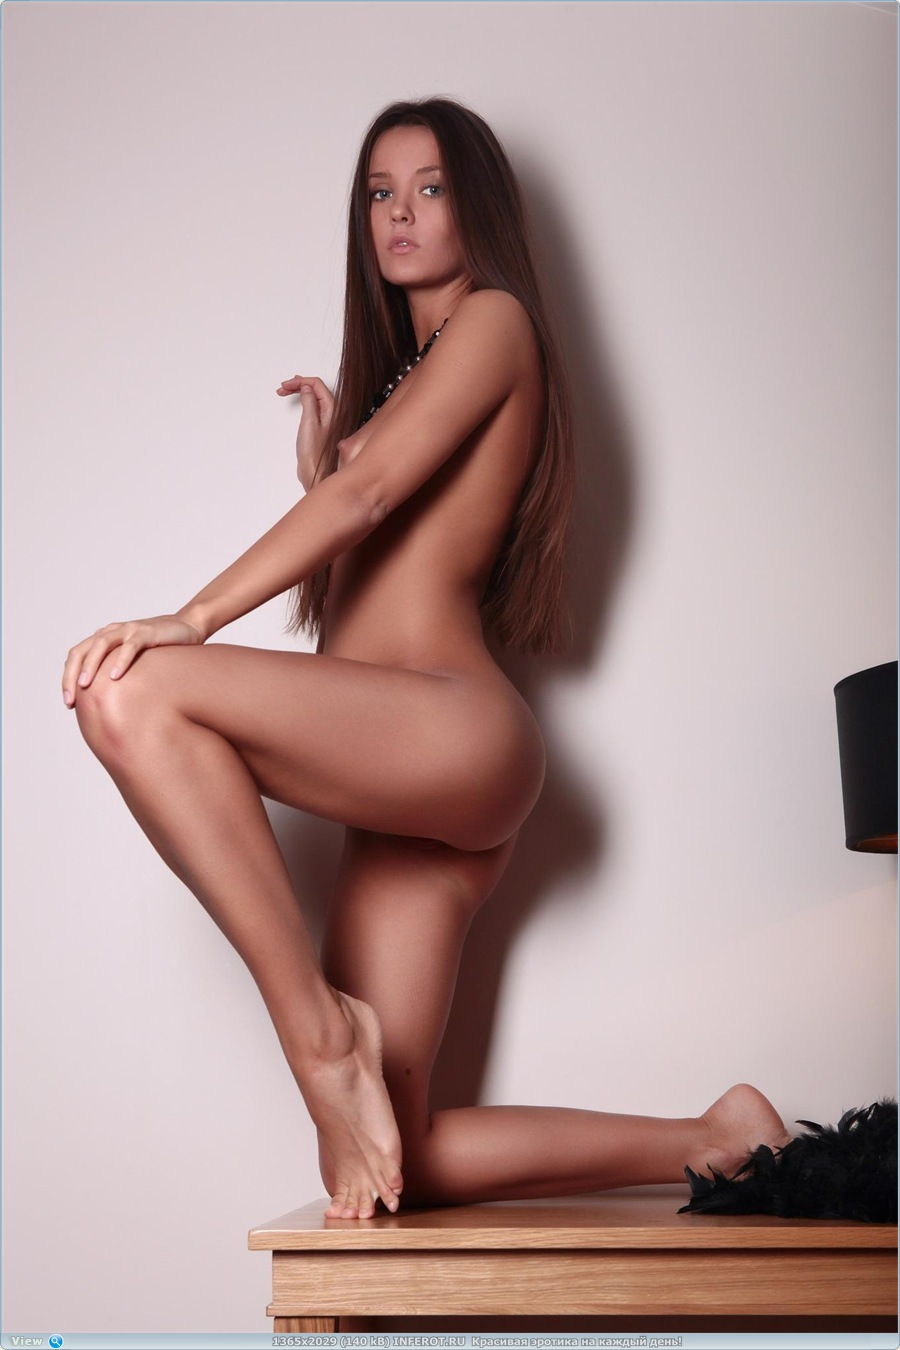 Эротический фотосет на маленьком столе (20 фото)